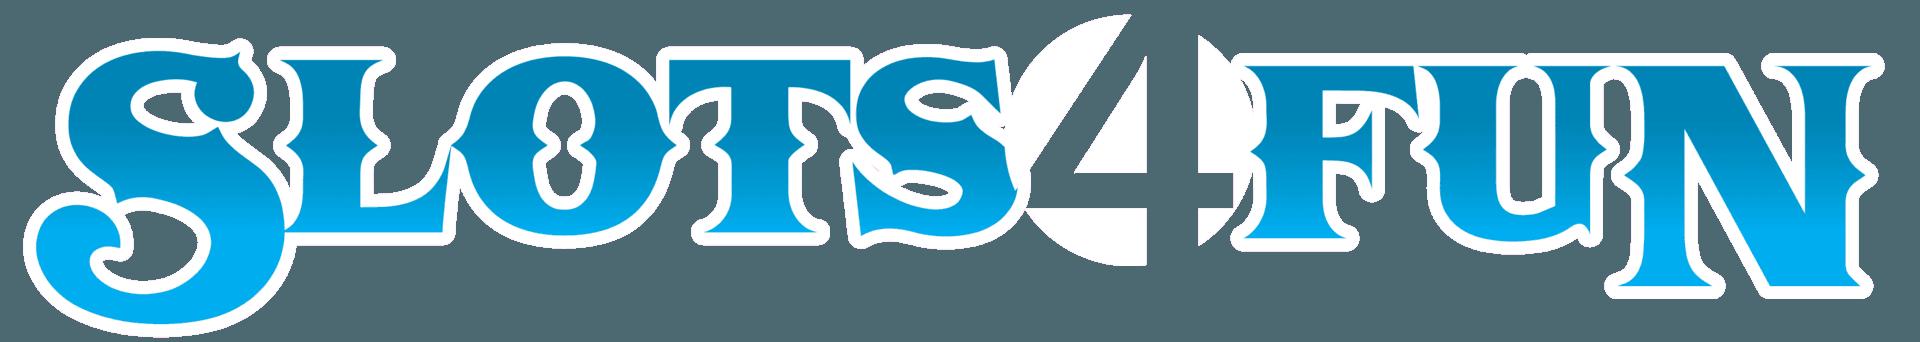 Slots 4 Fun logo